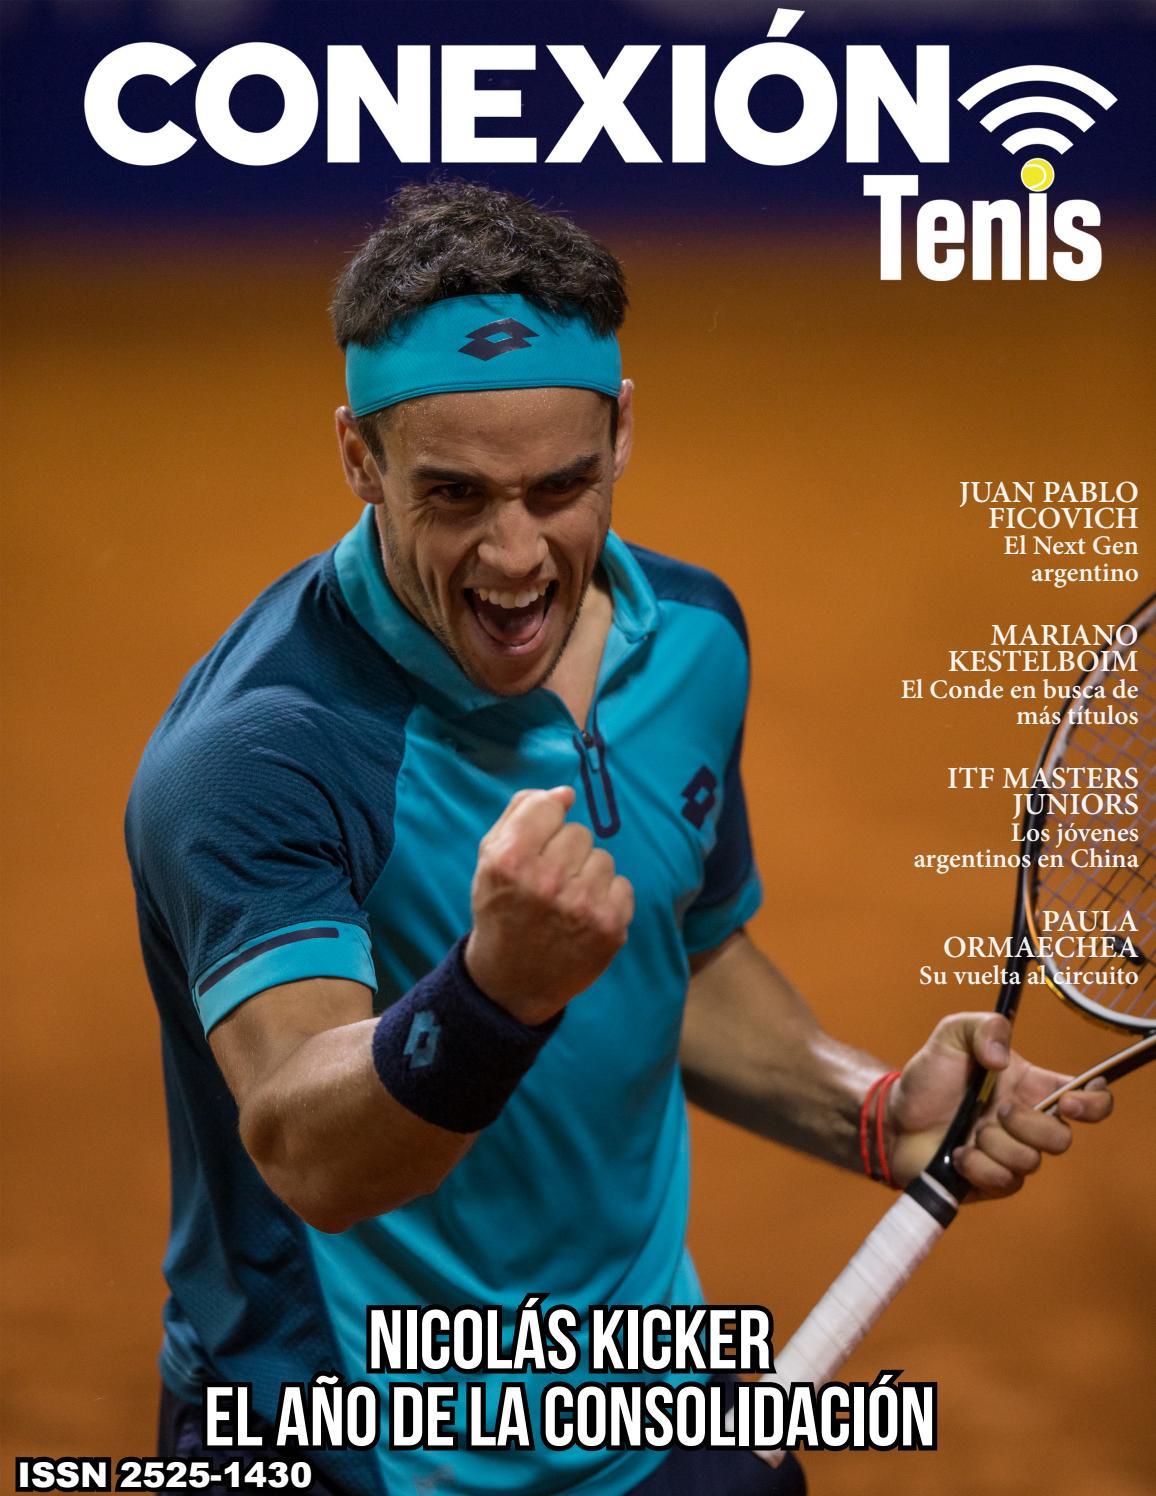 Conexión tenis nº6 by Conexión Tenis - issuu